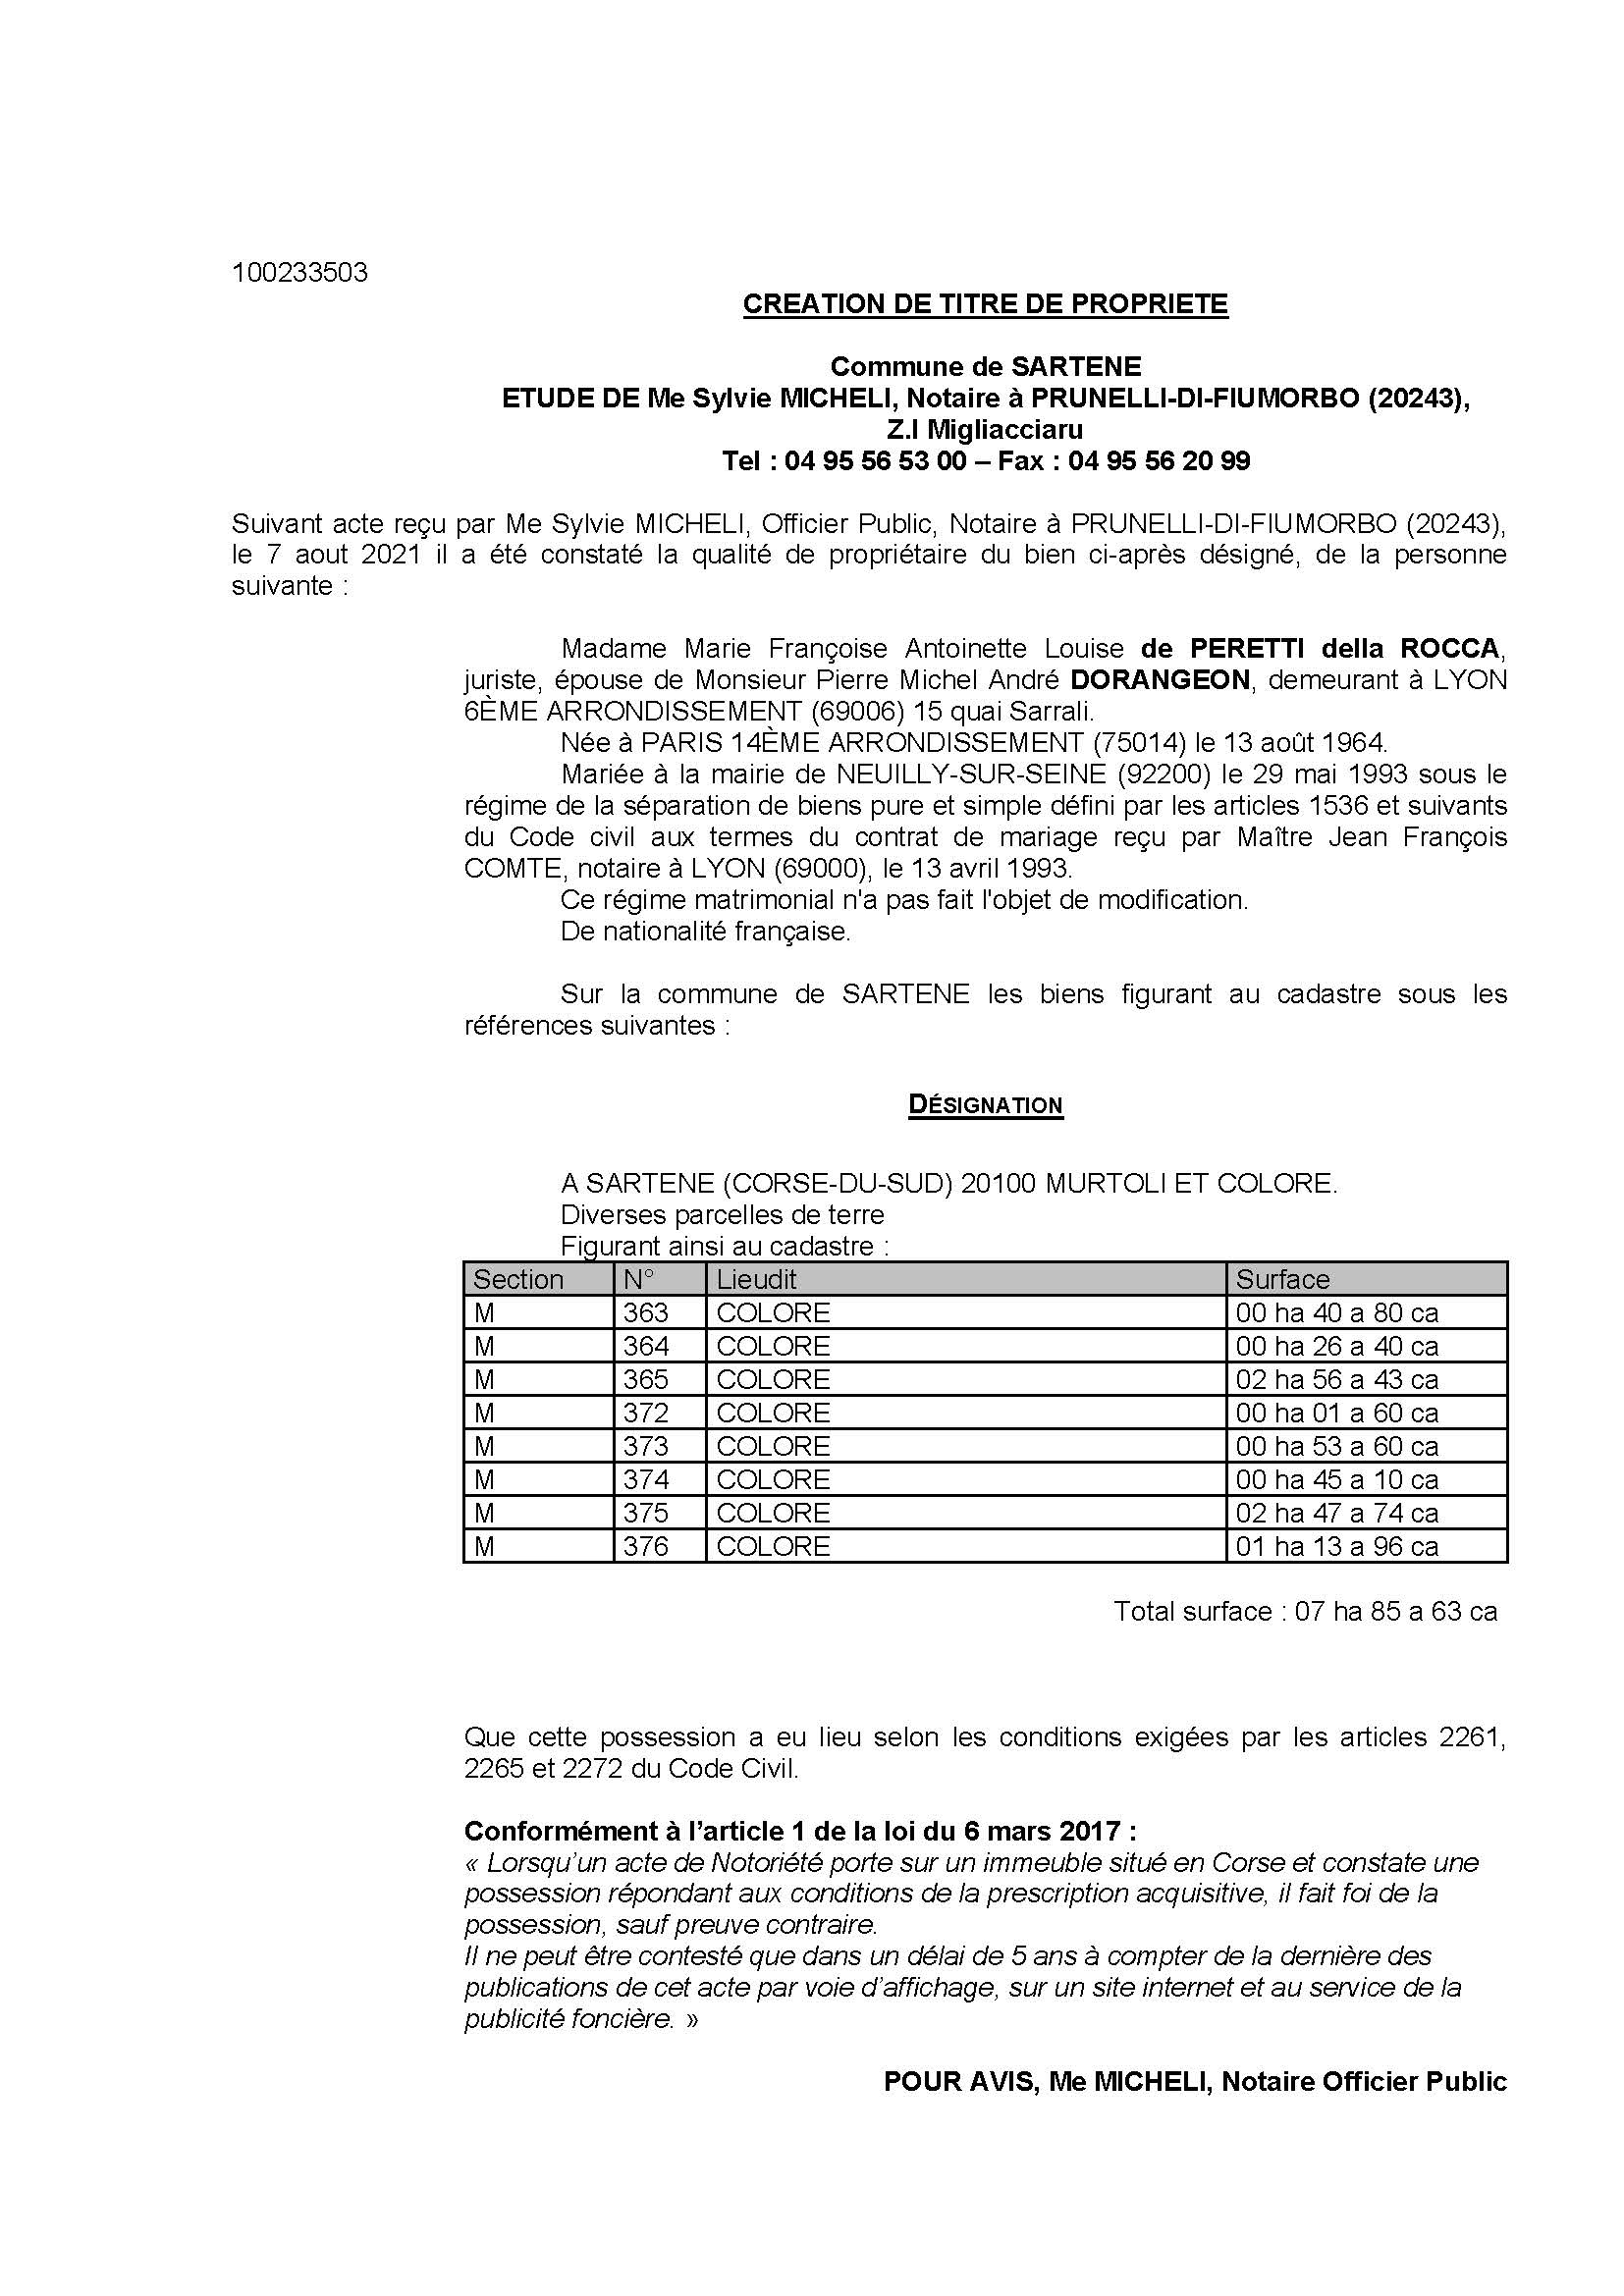 Avis de création de titre de propriété - Commune de Sartène (Corse-du-Sud)